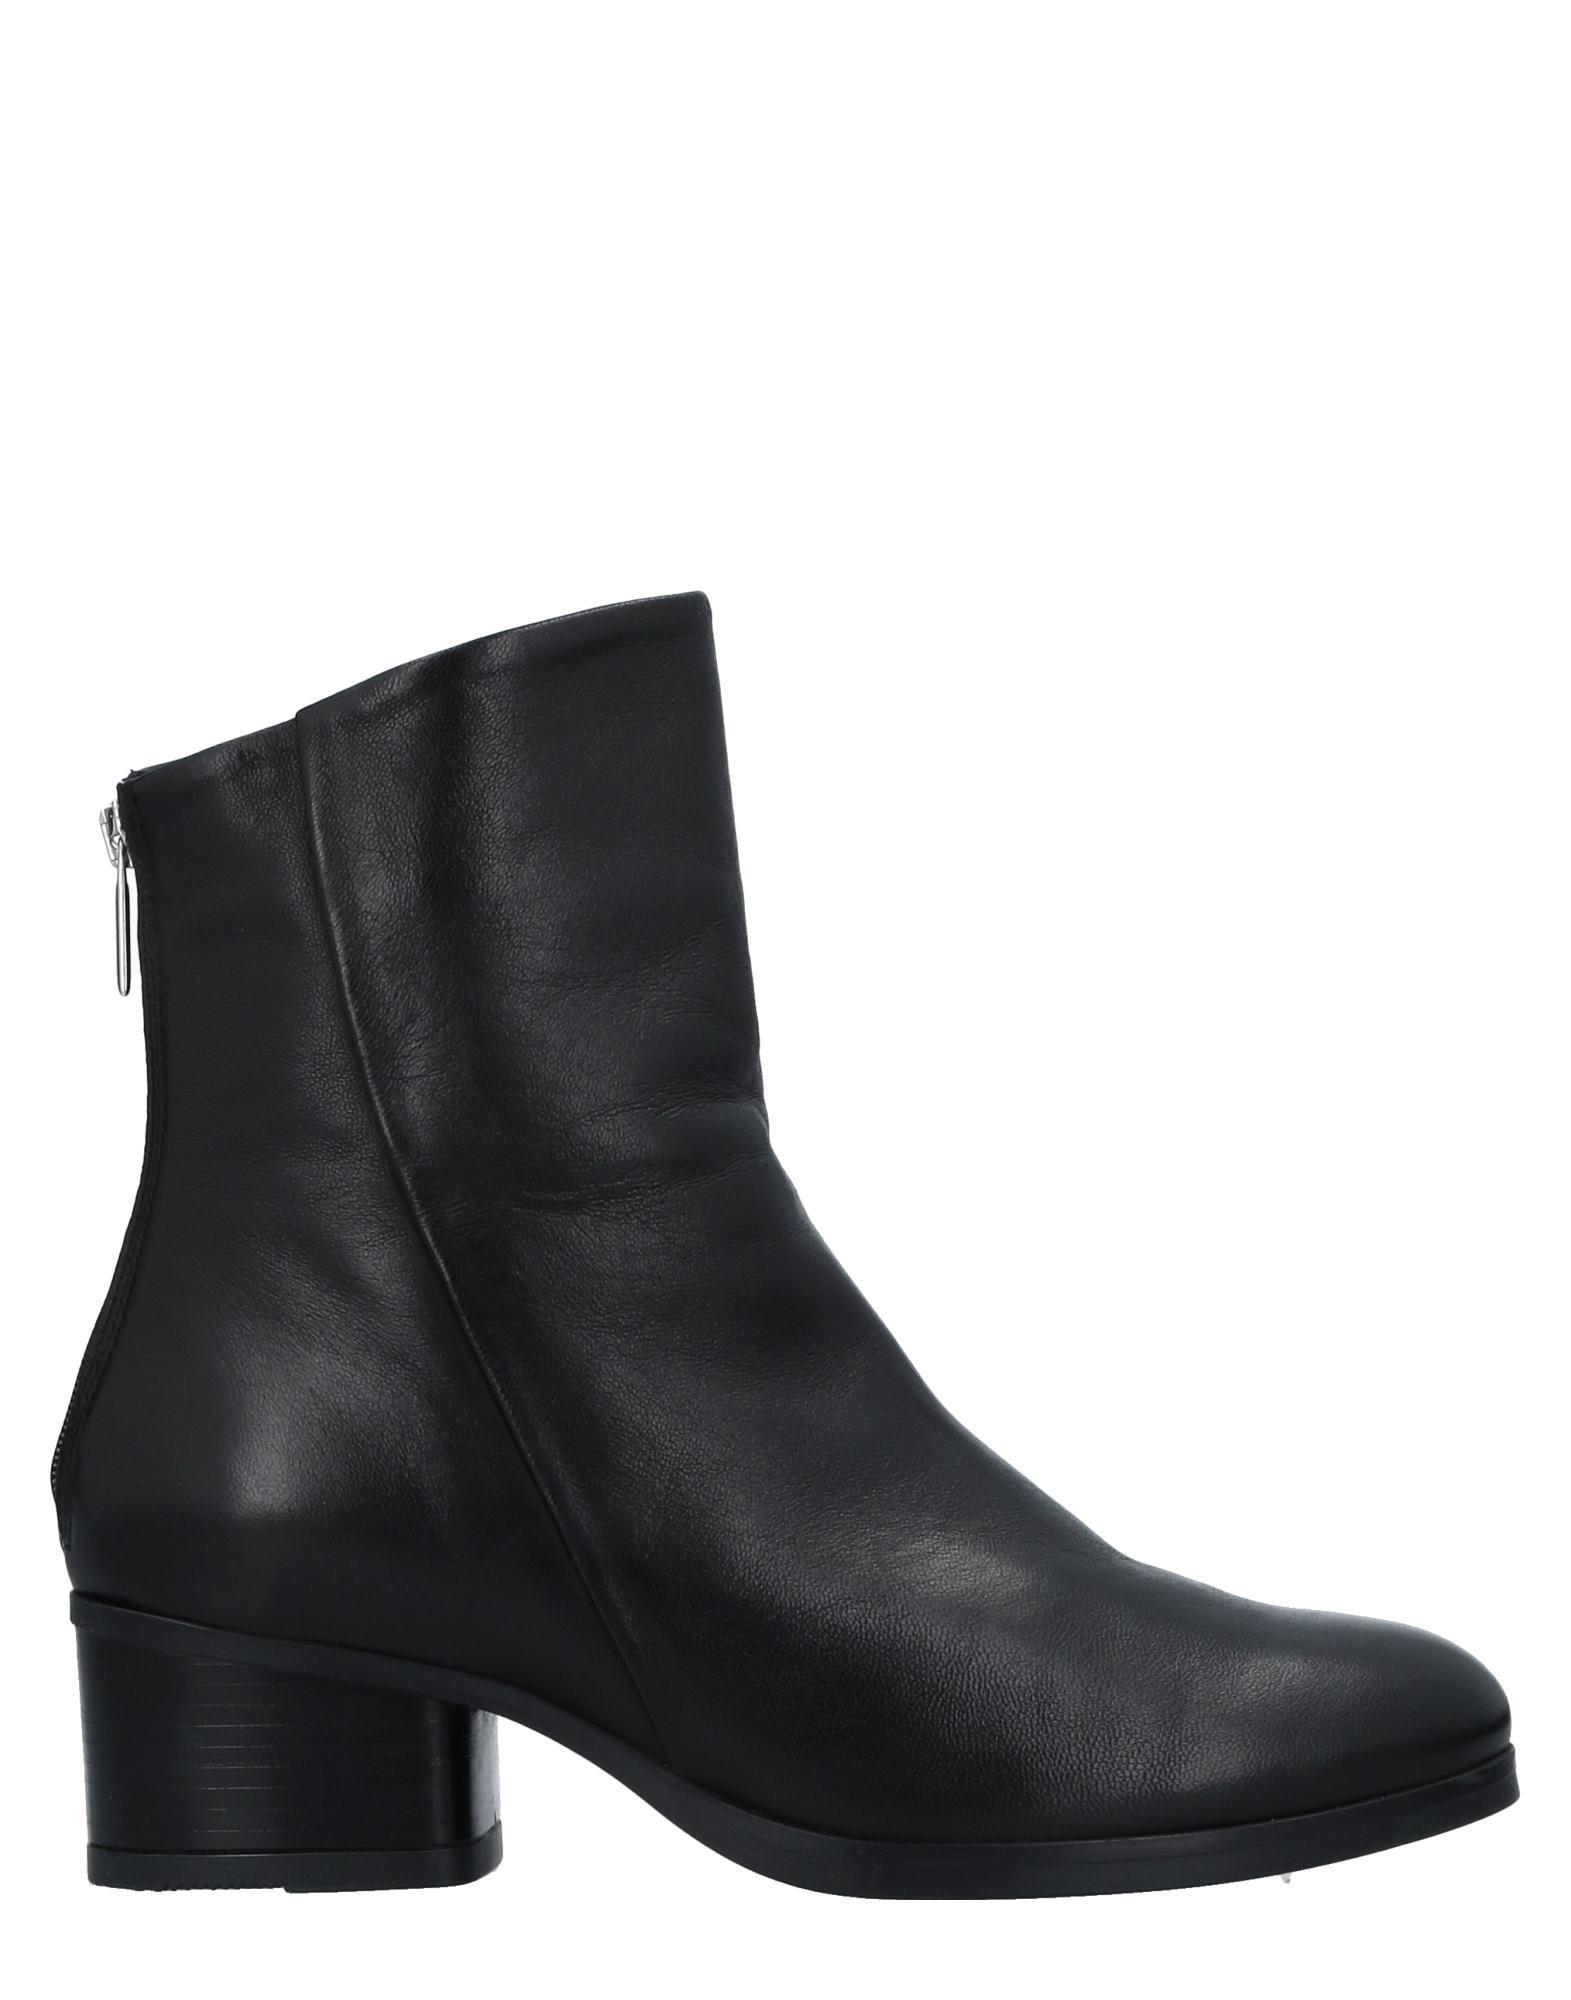 Bagatt Stiefelette Damen  11513433QA Gute Qualität beliebte Schuhe